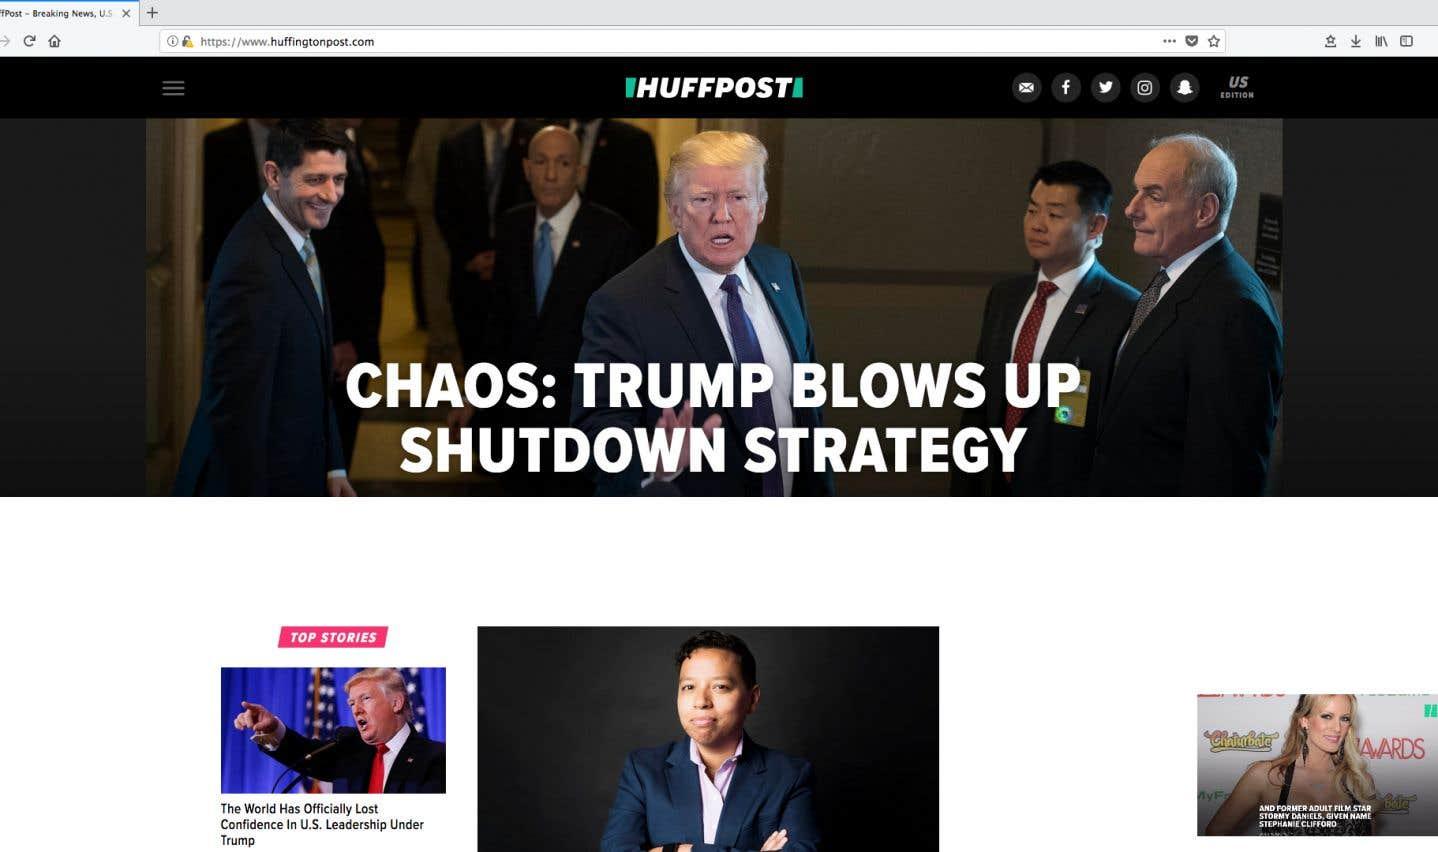 Ces changements ne touchent que l'édition américaine du HuffPost.